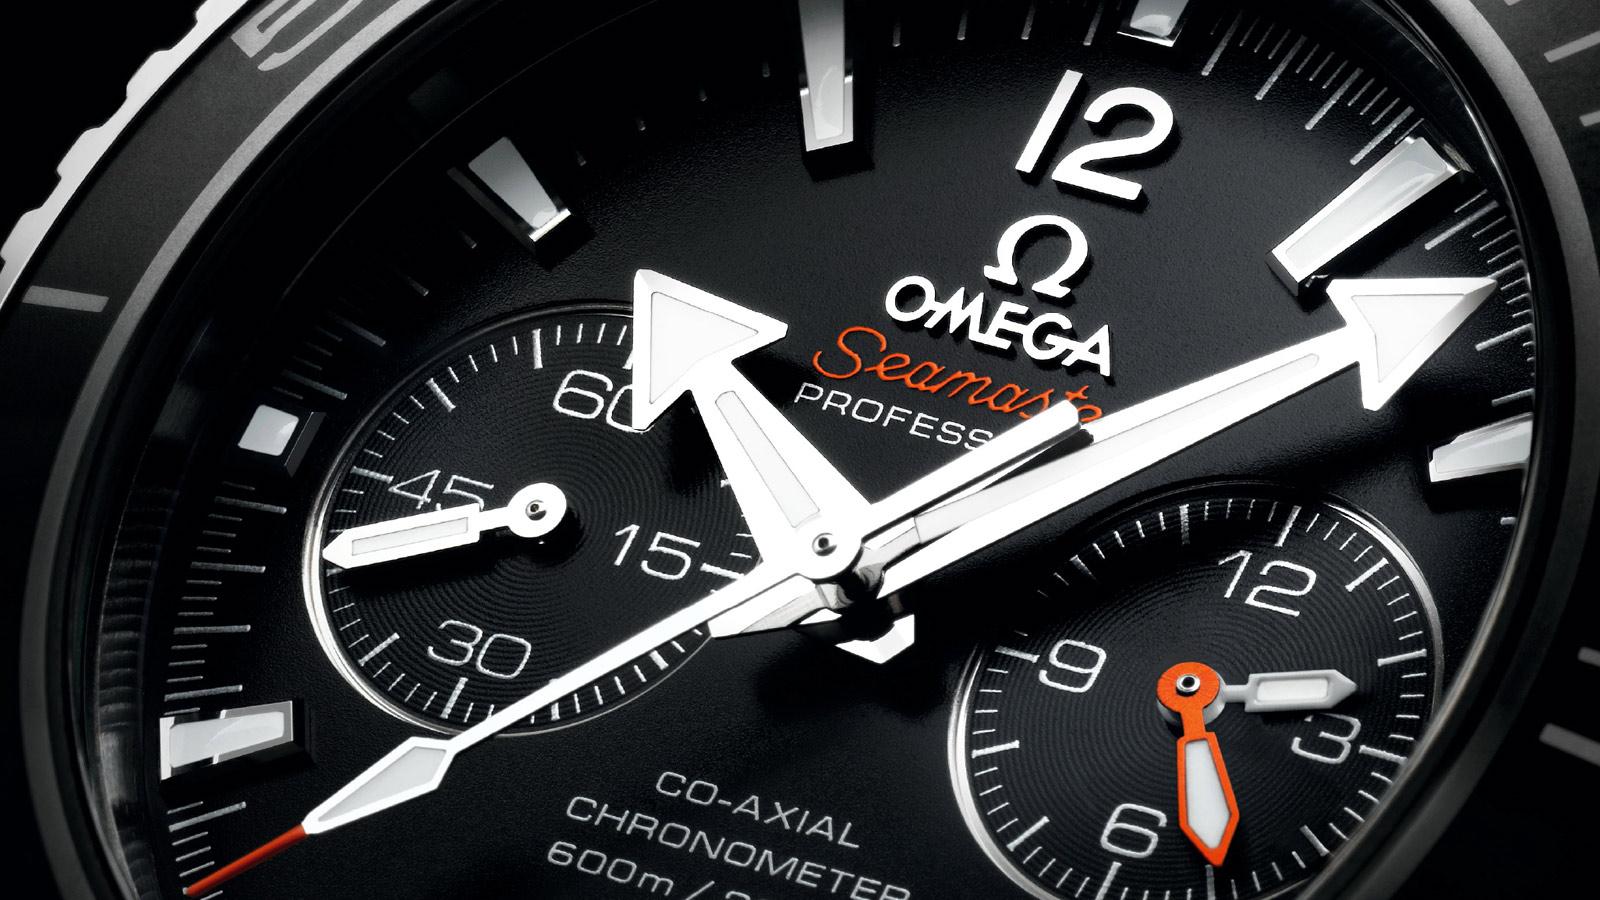 Seamaster 海洋宇宙600米腕表 海洋宇宙600米 欧米茄45.5毫米同轴计时表 - 232.30.46.51.01.001 - 查看 2